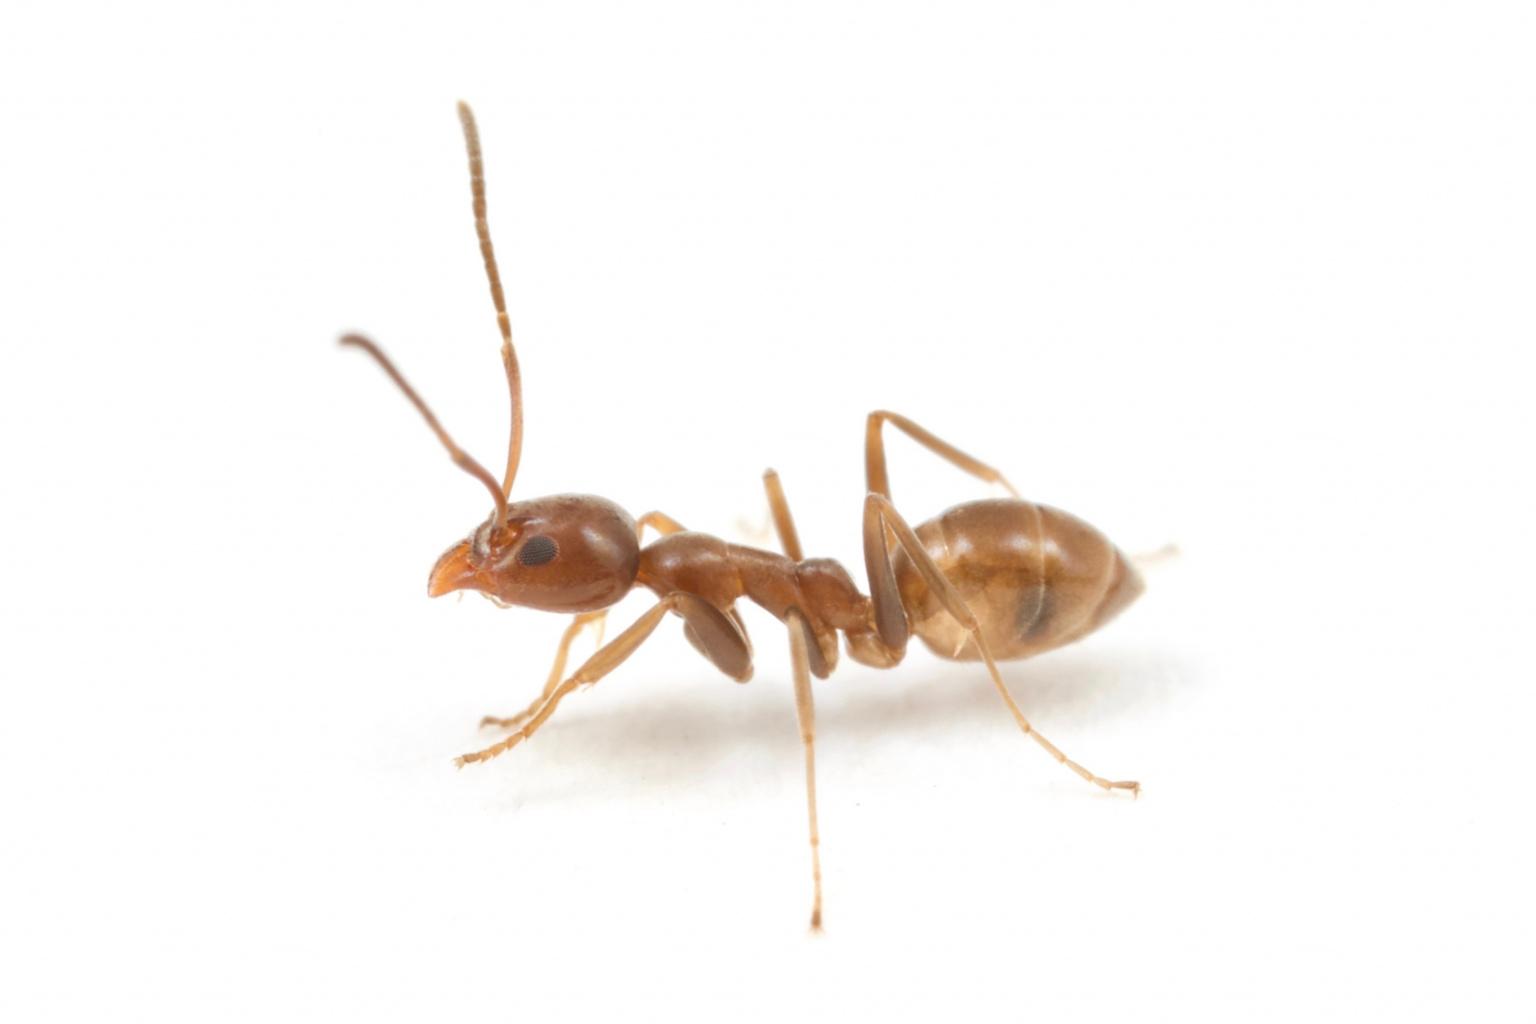 Argentine ant worker